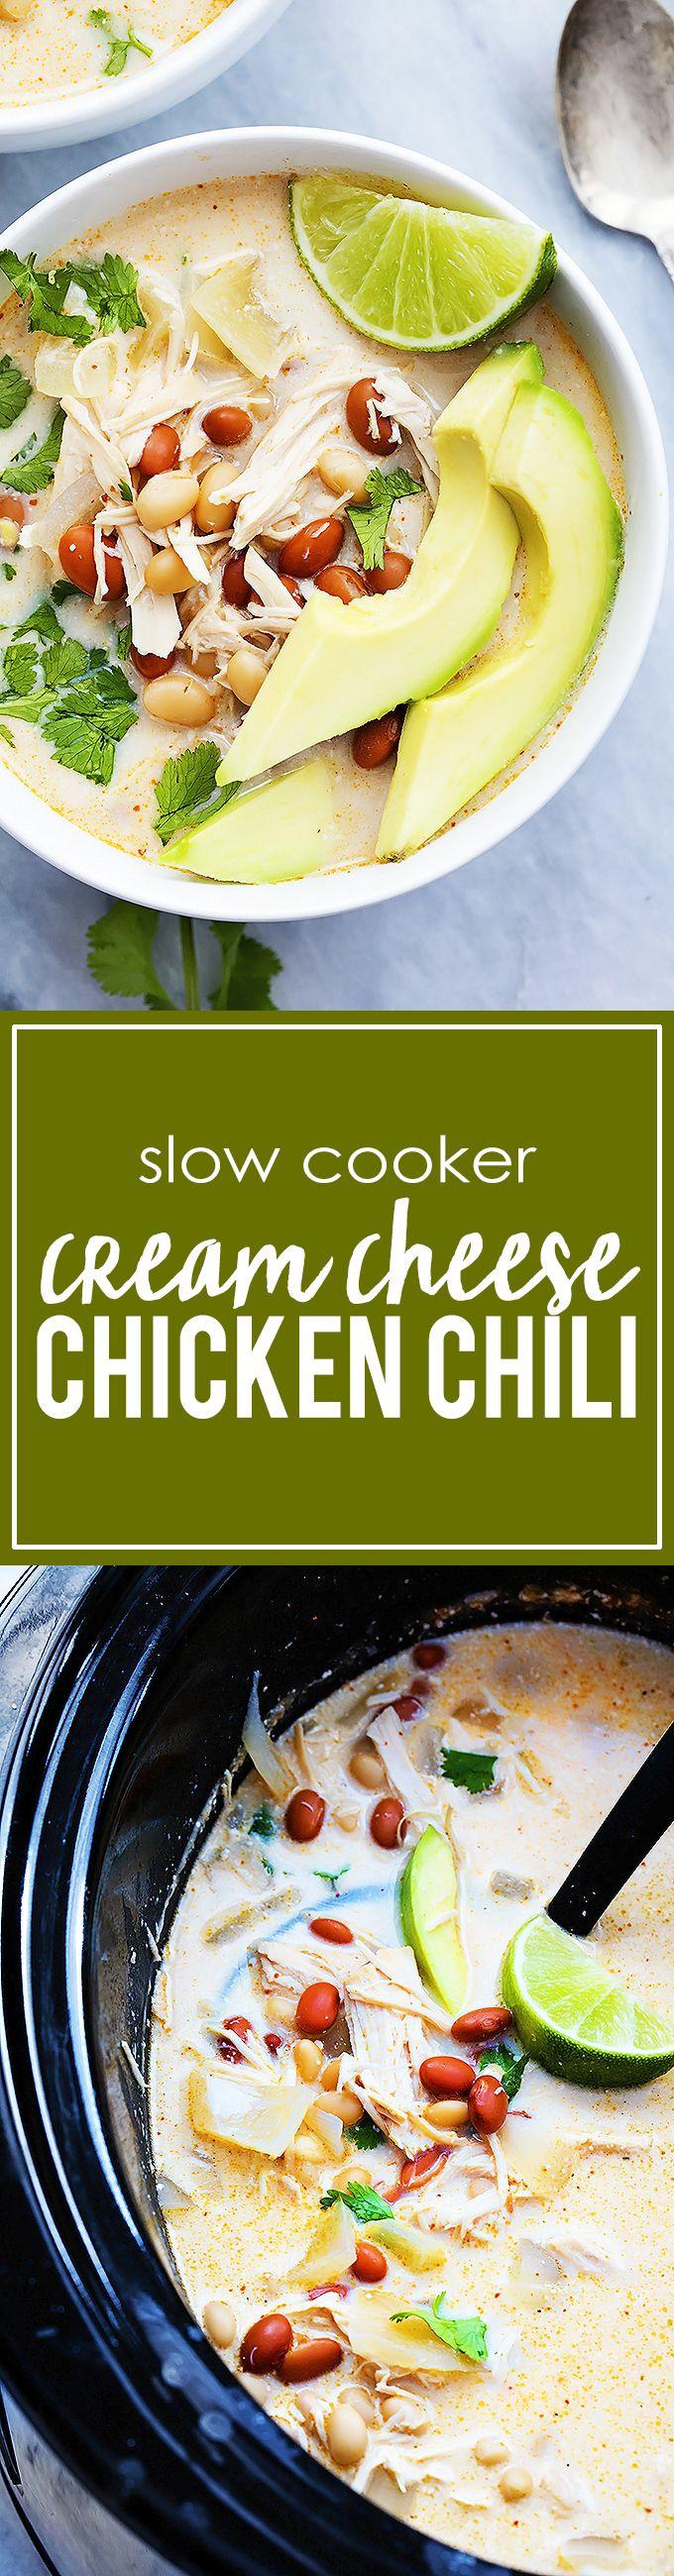 Slow Cooker Cream Cheese Chicken Chili | Creme de la Crumb